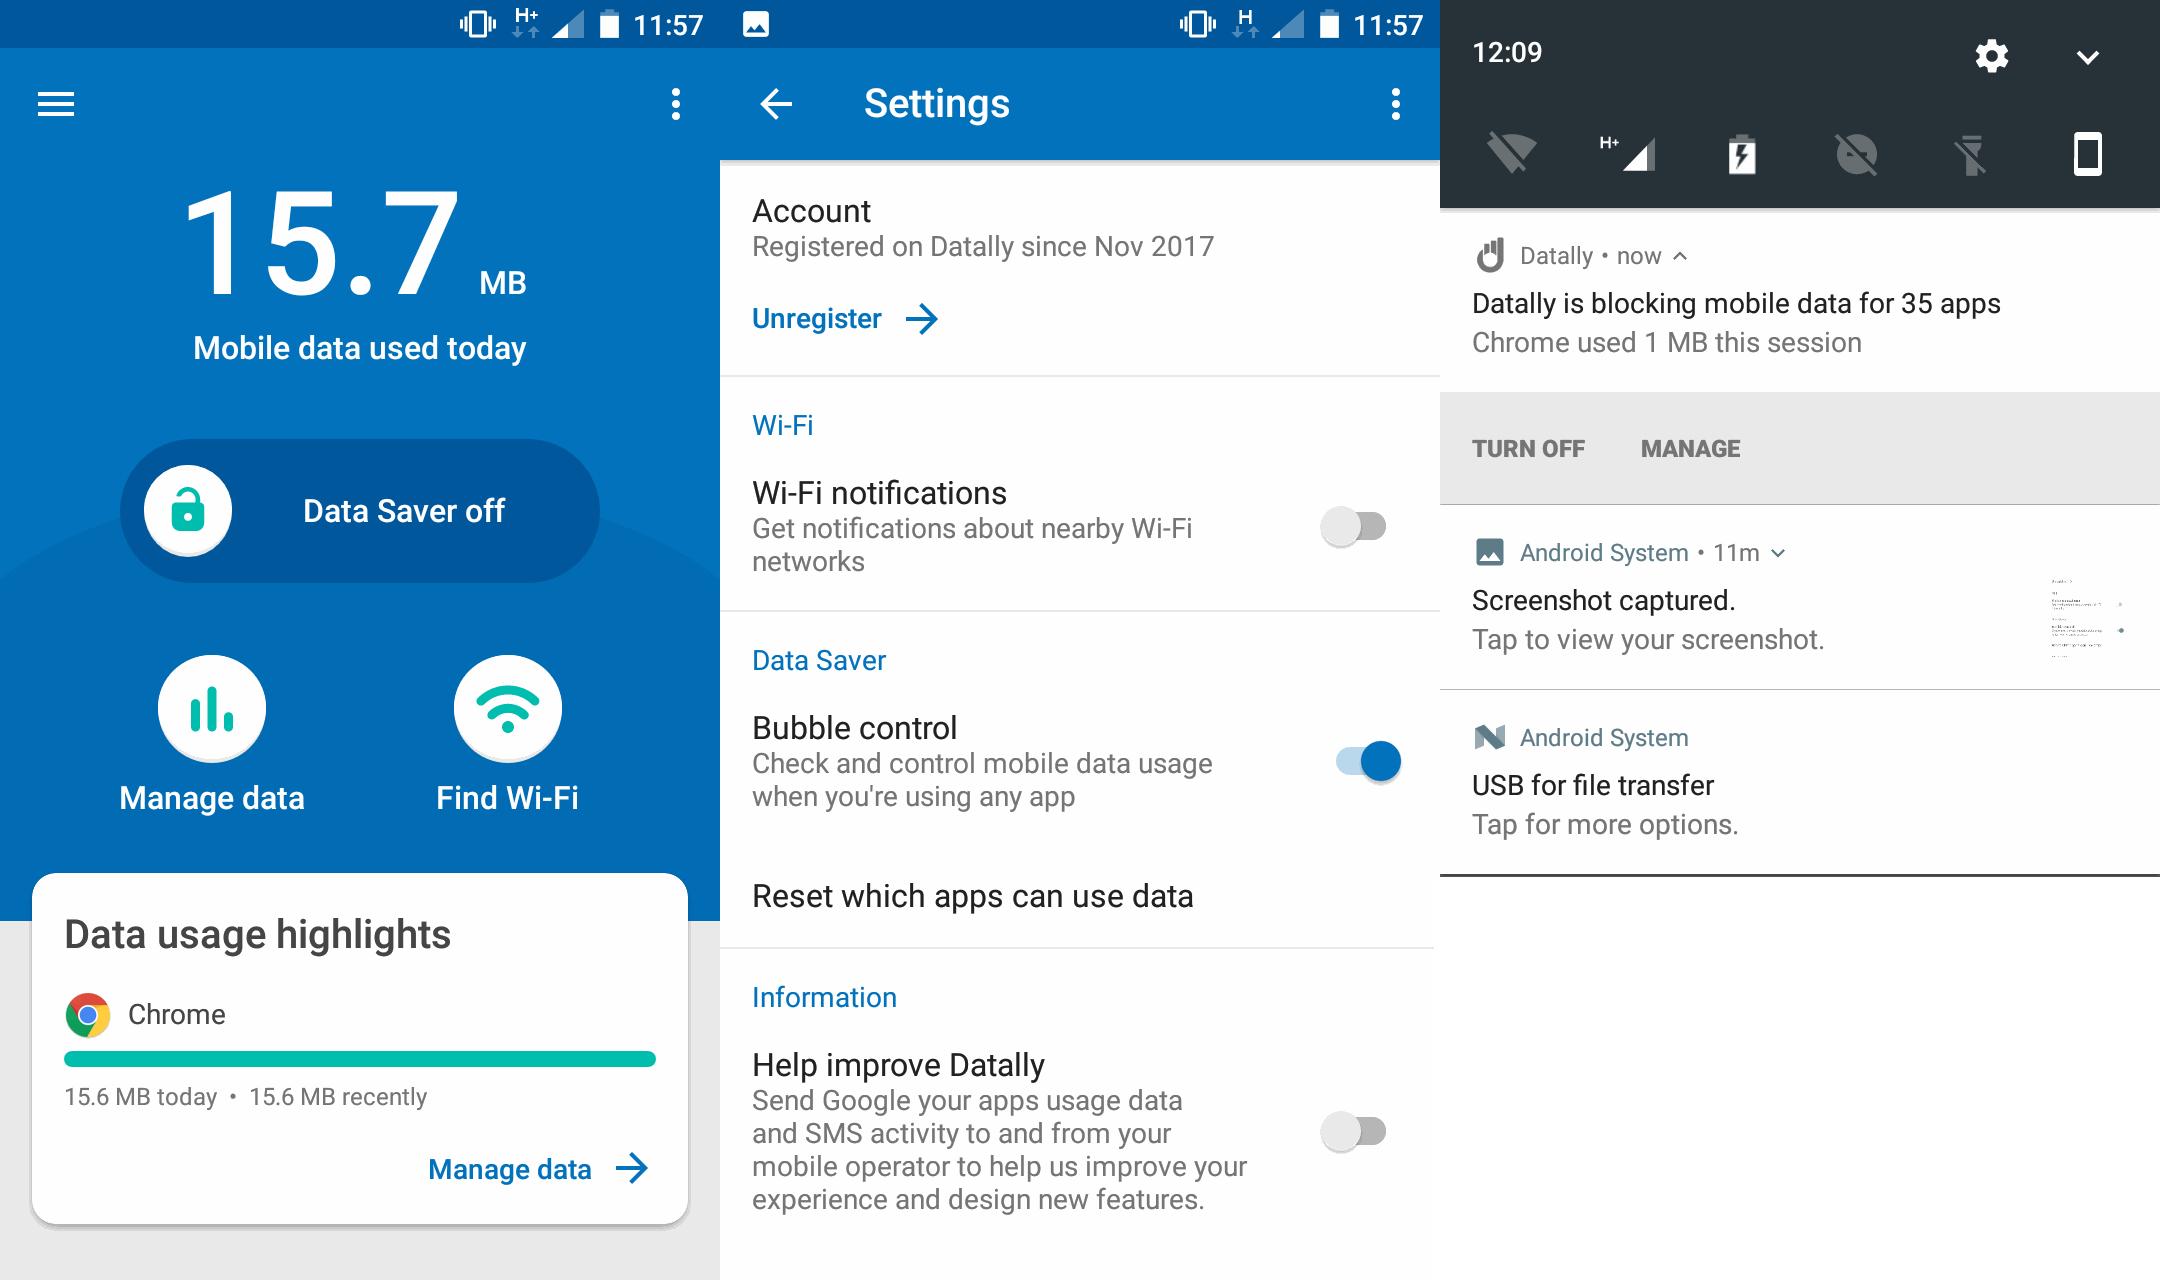 κινητό dating εφαρμογές Android διαφορές μεταξύ σχετικών και ραδιενεργών χρονολόγηση